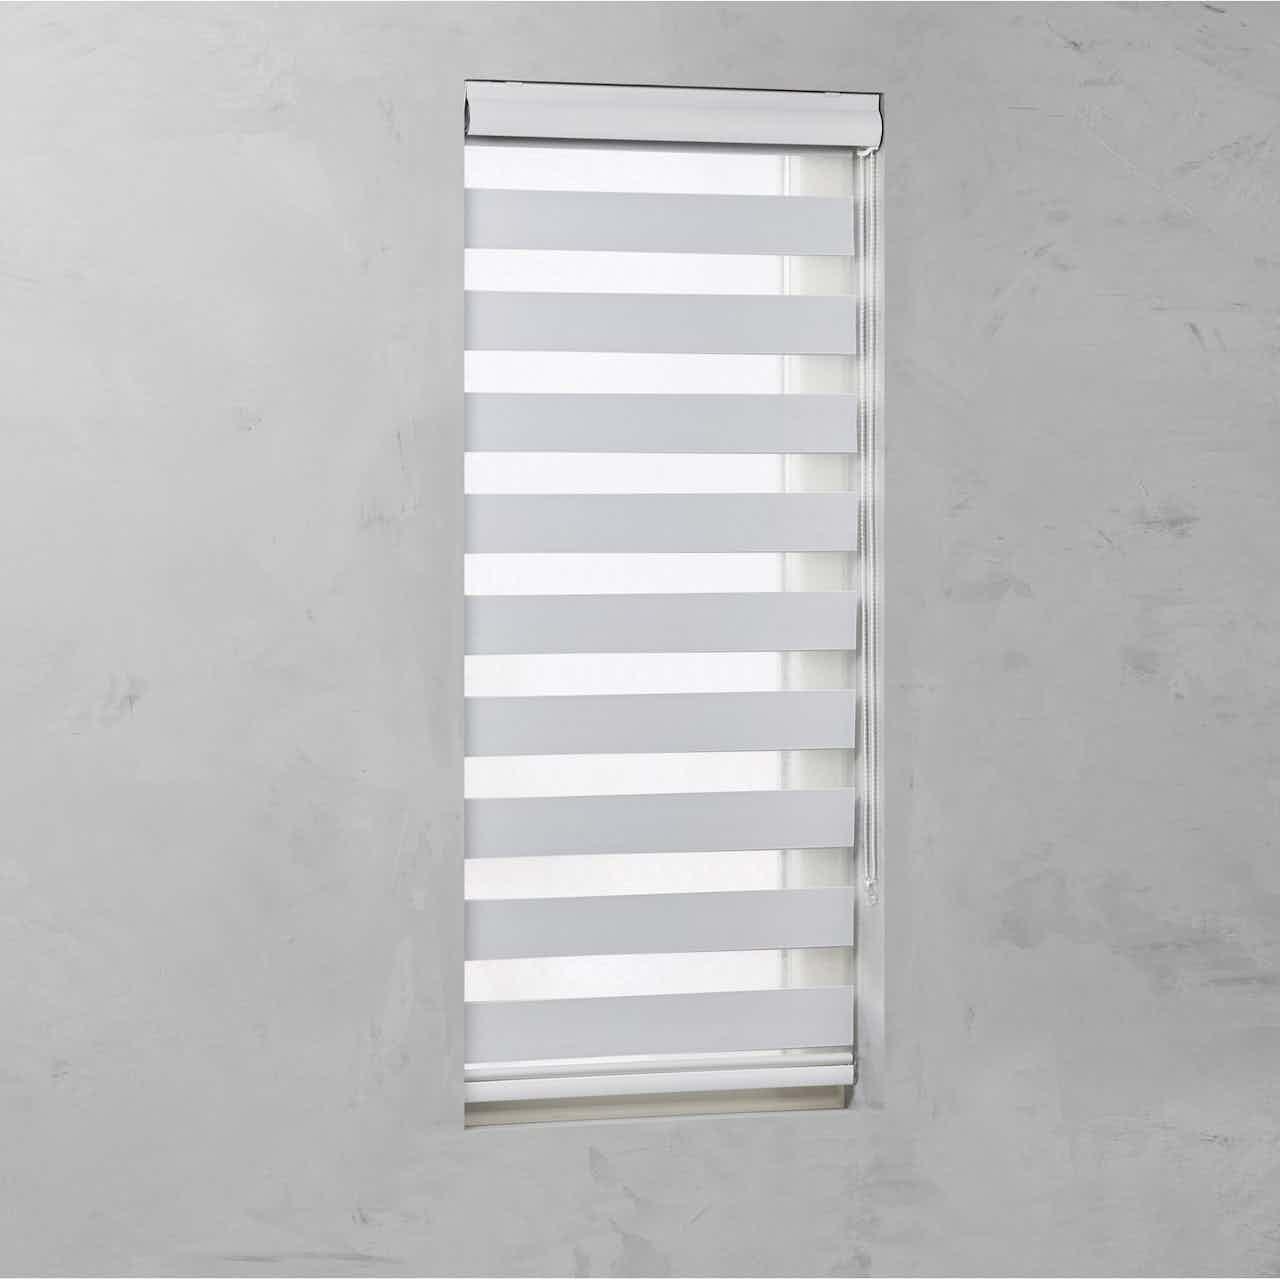 Cocoon Doppelrollo mit Kassette Tageslicht Weiß 120 cm x 175 cm